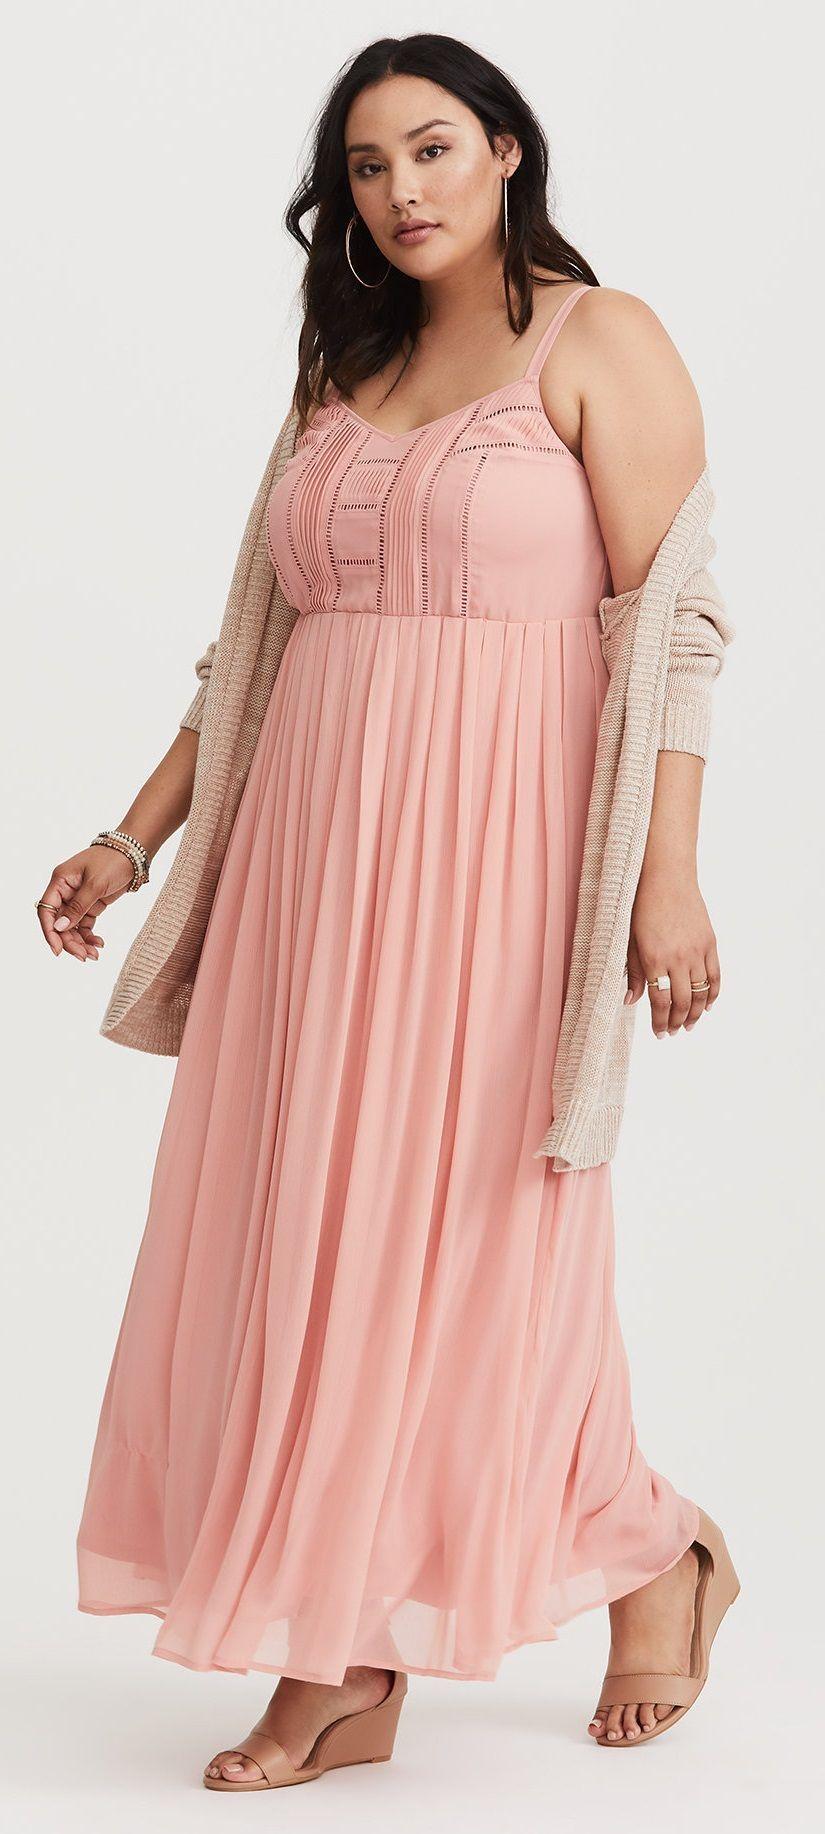 Plus Size Chiffon Maxi Dress   Plus Size Fashion   Dresses, Chiffon ...